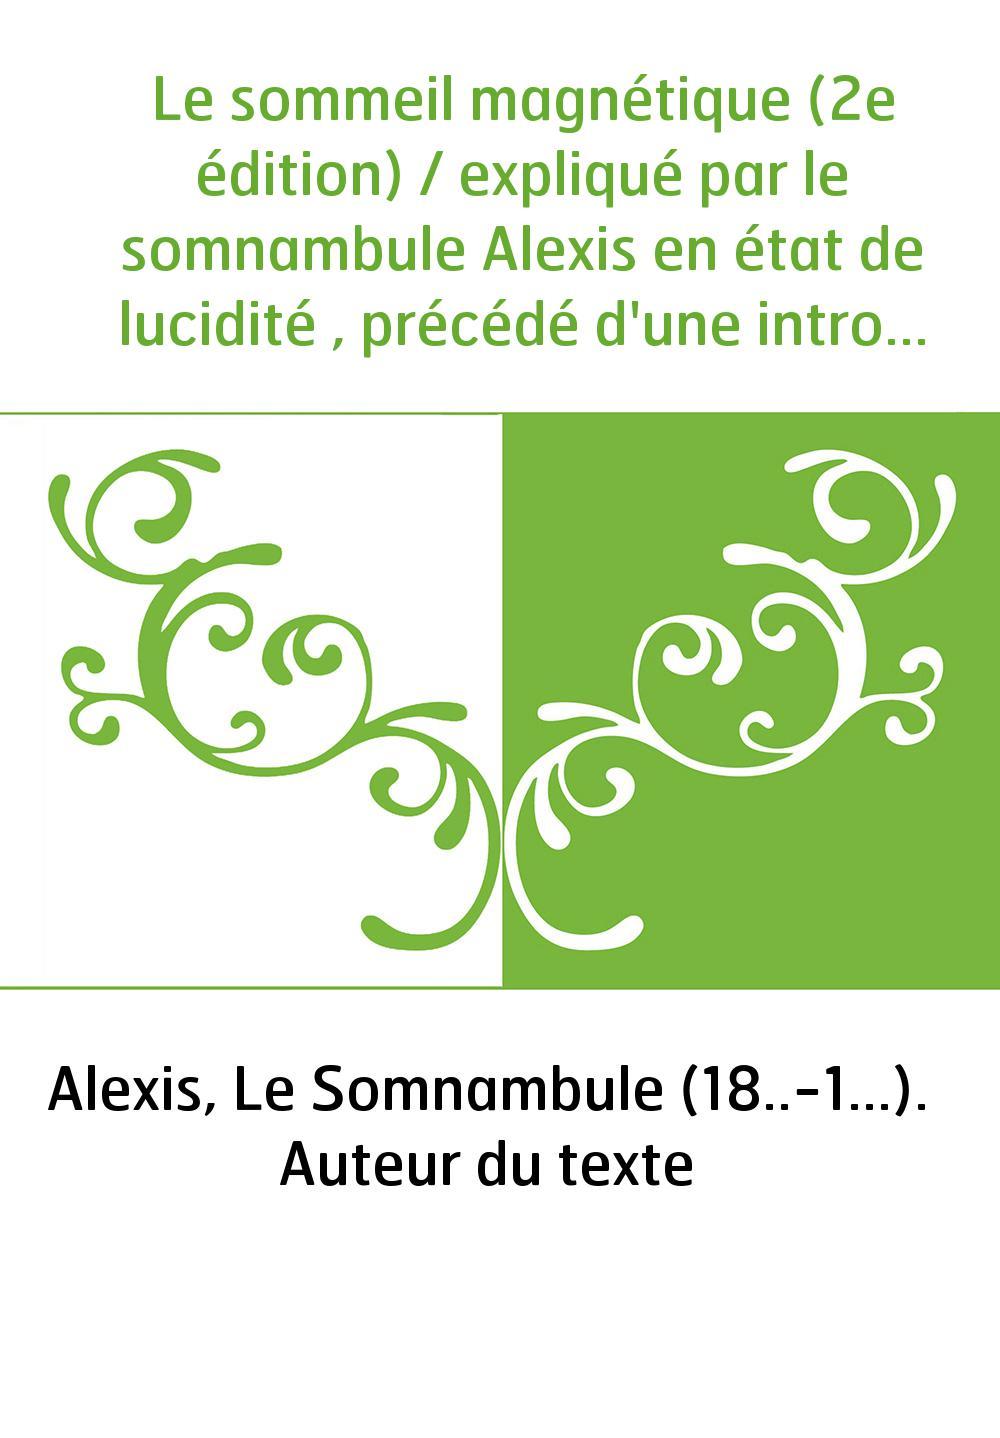 Le sommeil magnétique (2e édition) / expliqué par le somnambule Alexis en état de lucidité , précédé d'une introduction par Henr